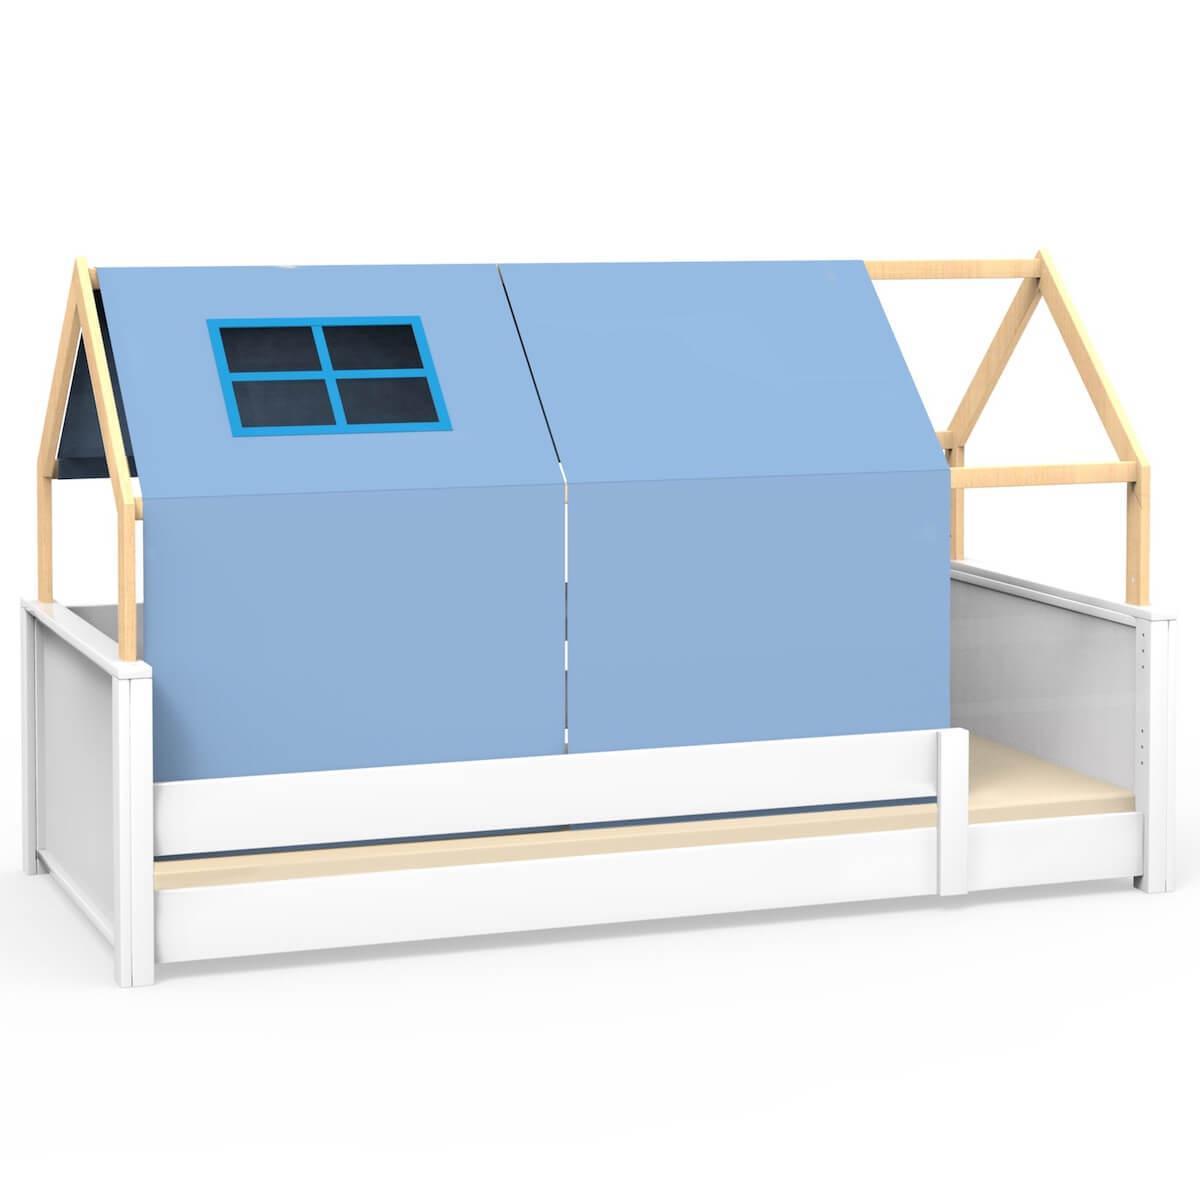 Cama montessori barrera simple-estructura techo KASVA con textiles Viena verde-azul